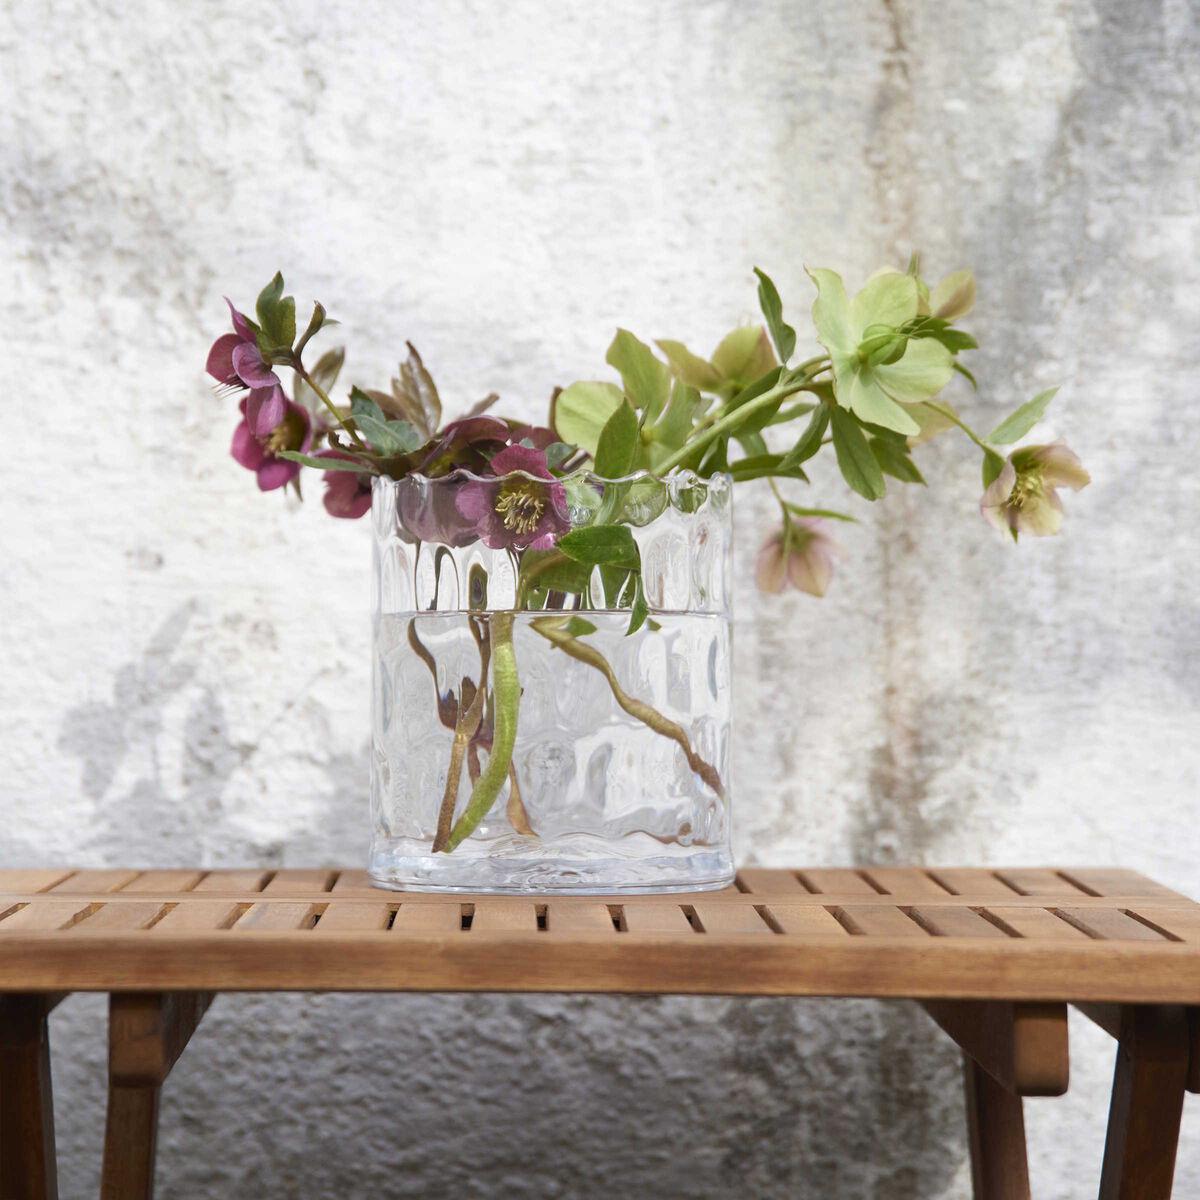 AGATA Zylinder Vase mit Struktur 22cm